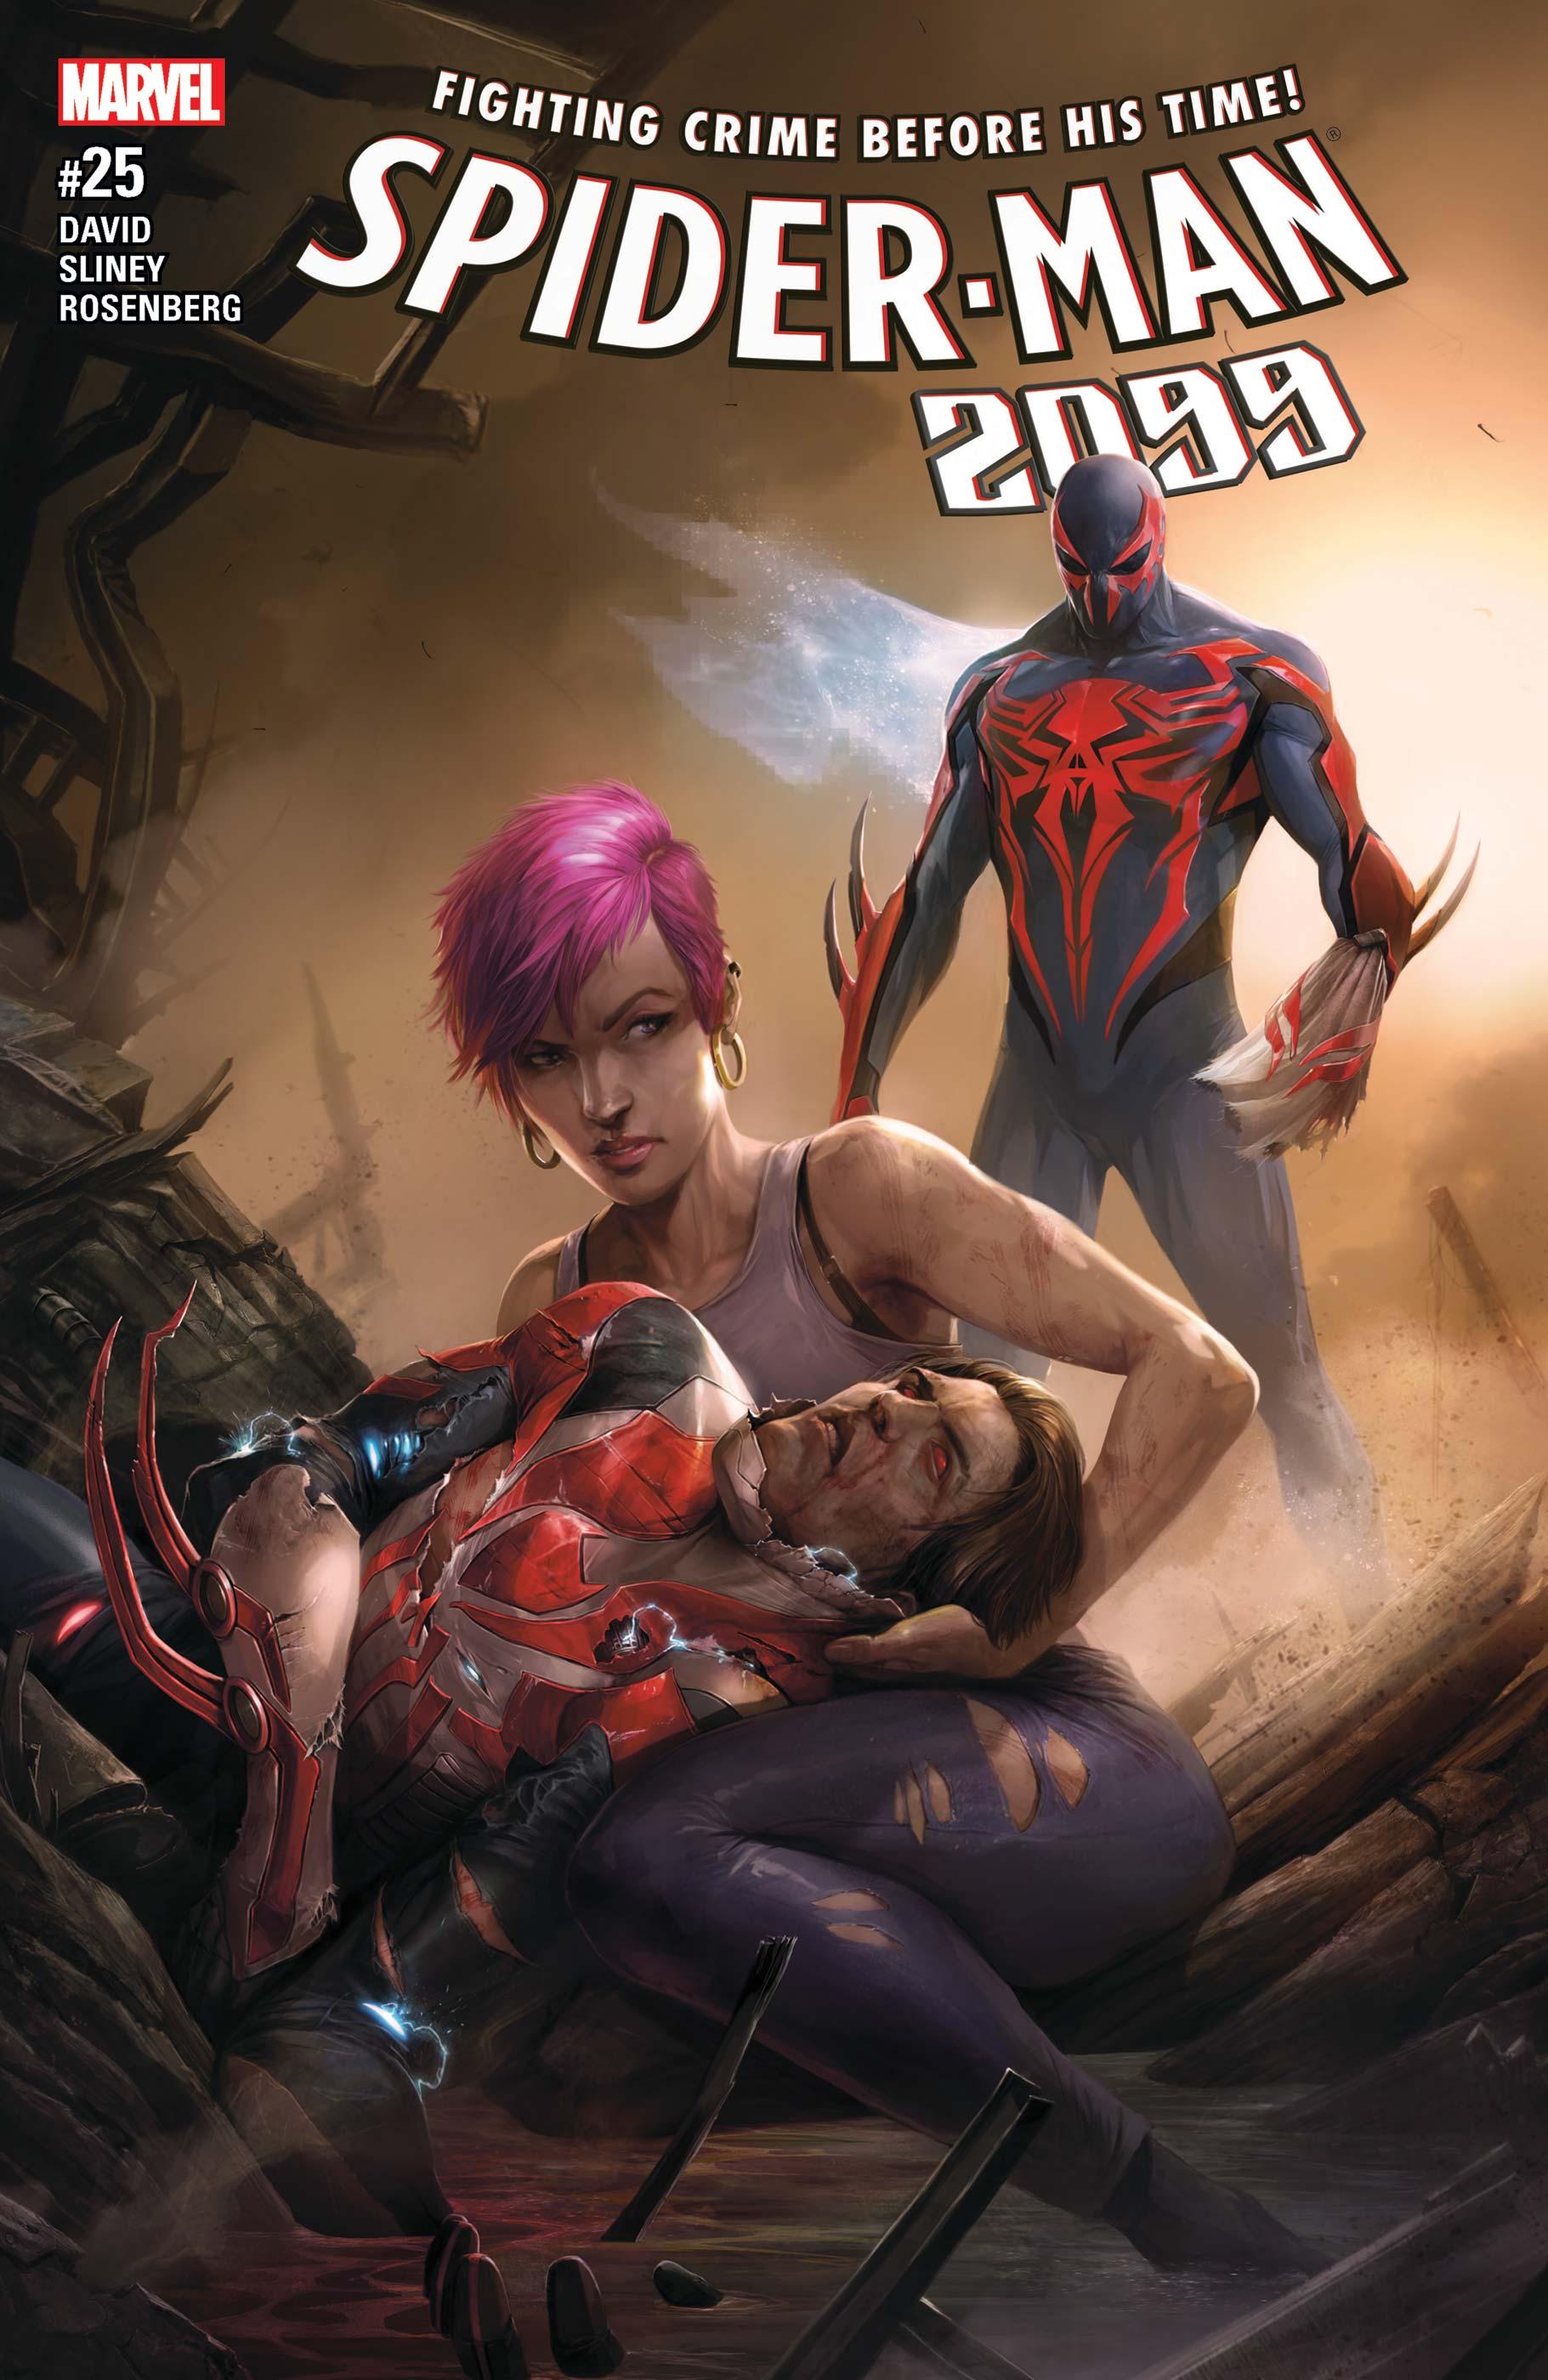 Spider-Man 2099 (2015) #25